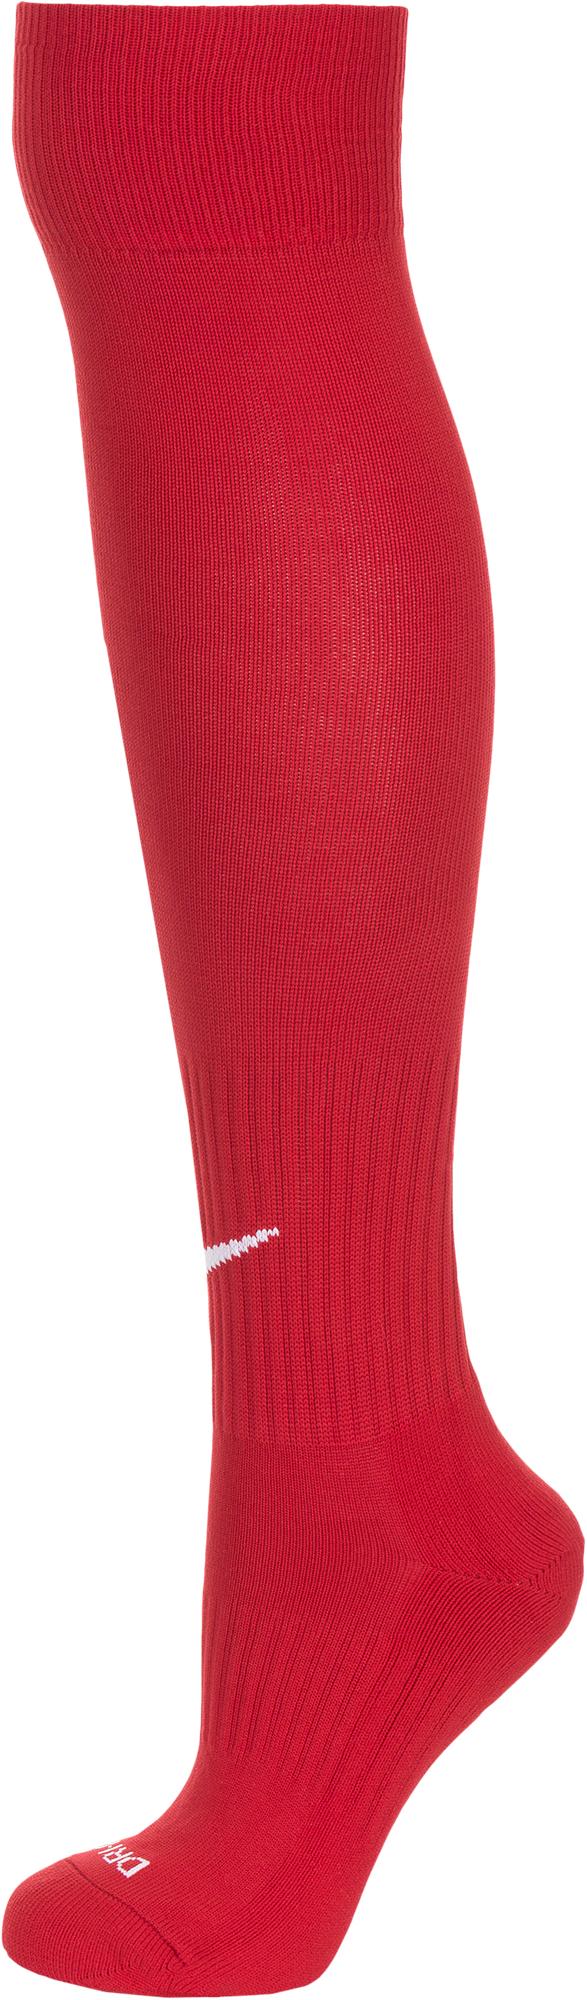 Nike Гетры мужские Nike Classic Soccer, размер 41-45